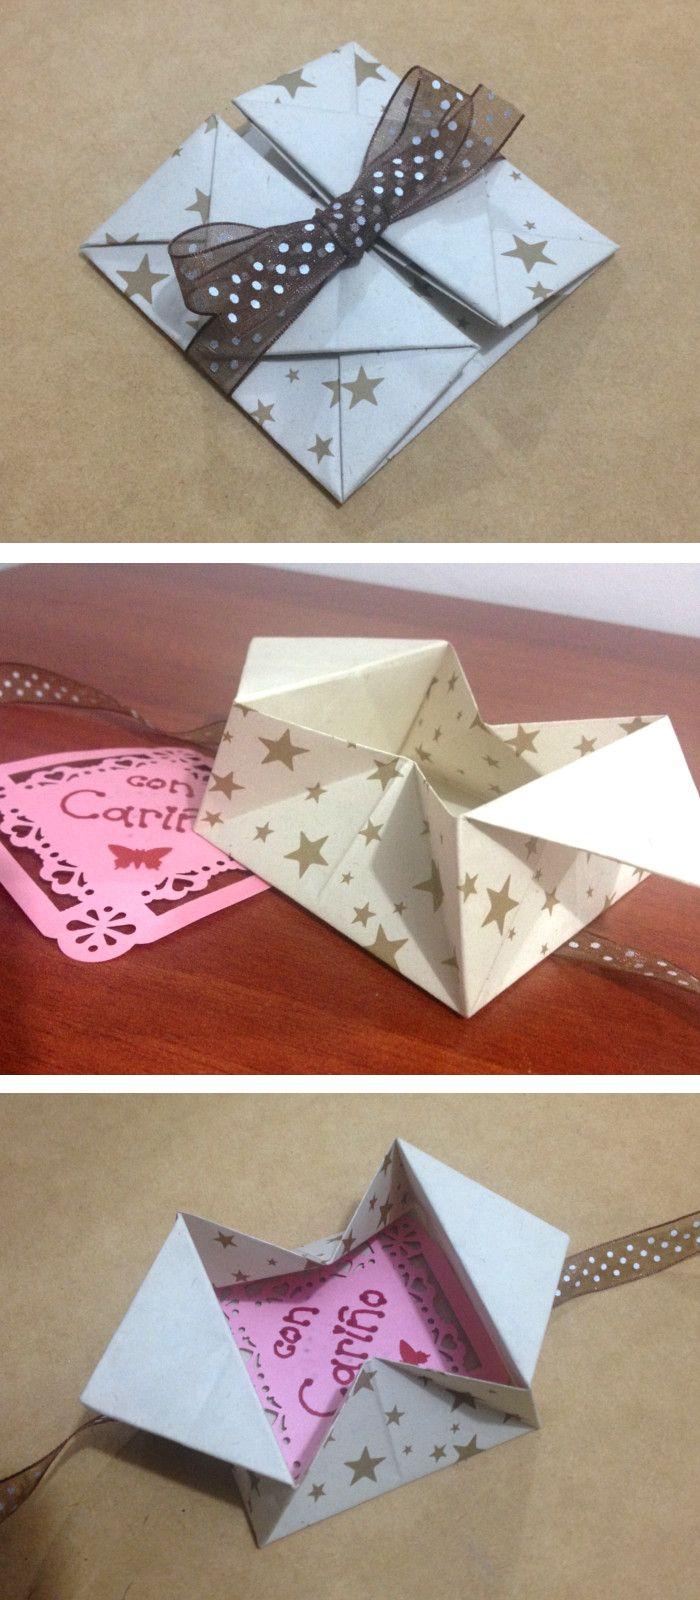 Te enseño a hacer un sobre muy original para guardar y entregar tus cartas, es muy lindo y fácil.